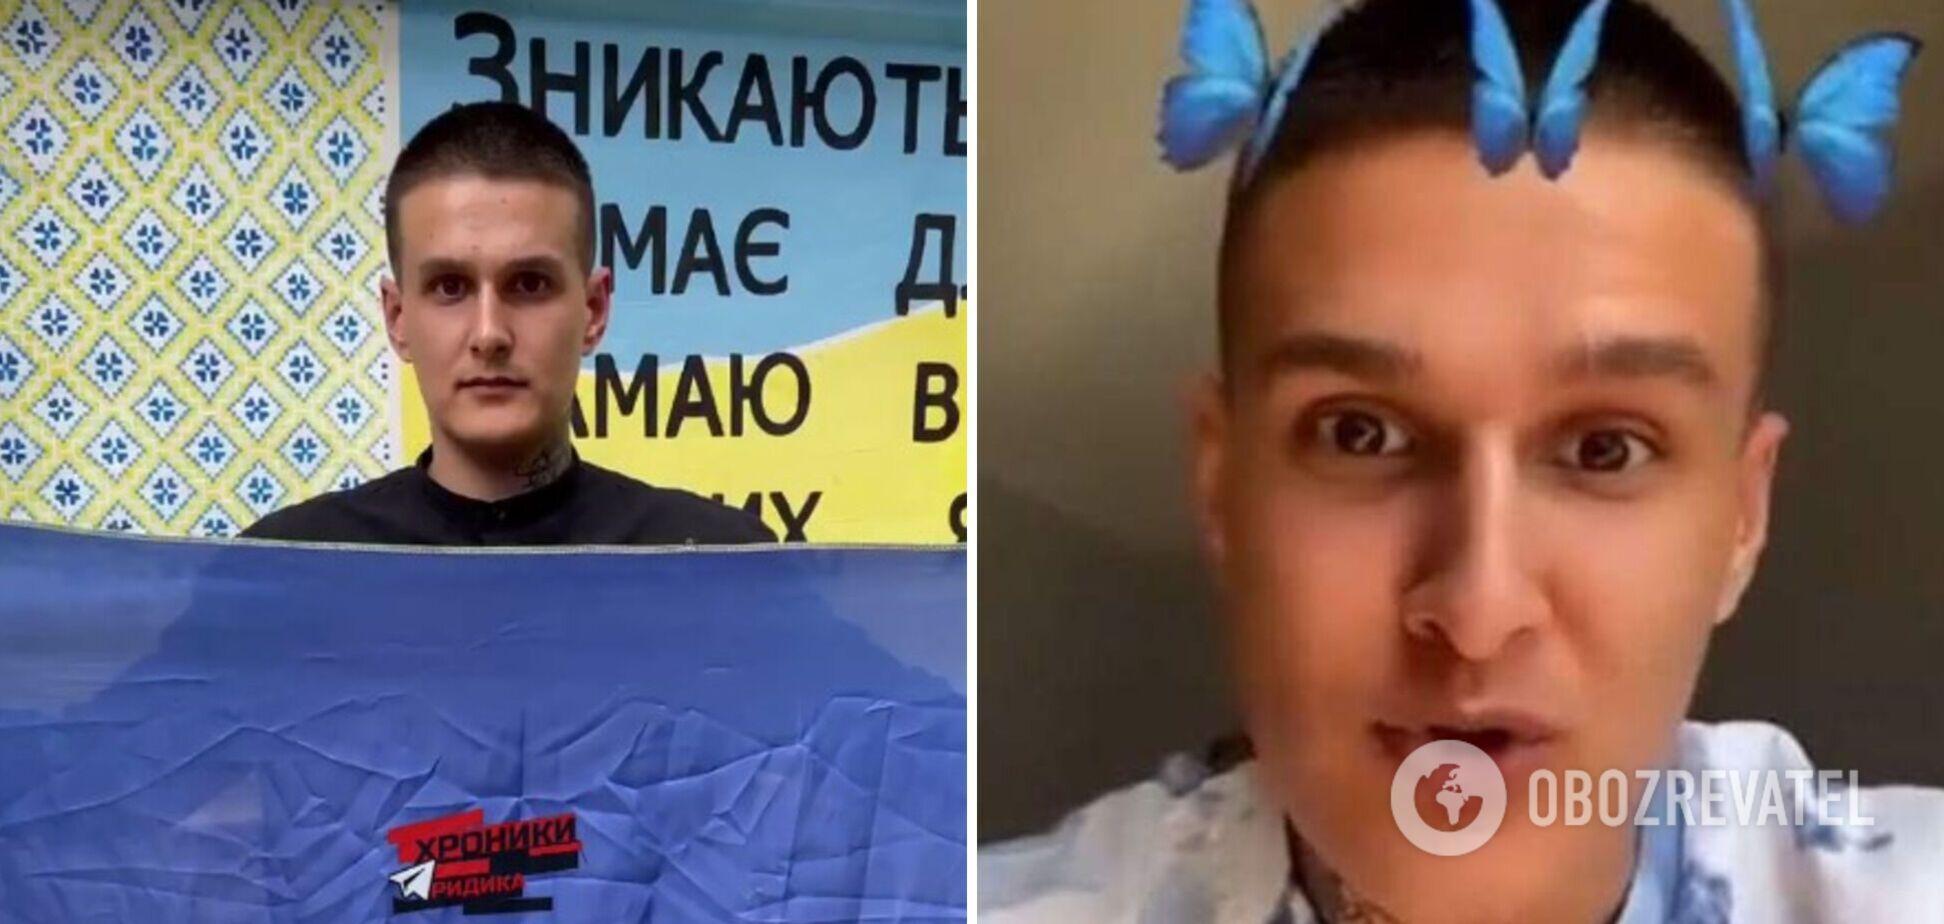 Блогер-переселенец, который оскорбил Украины, дважды извинился: один раз – с желто-голубым флагом в руках. Видео